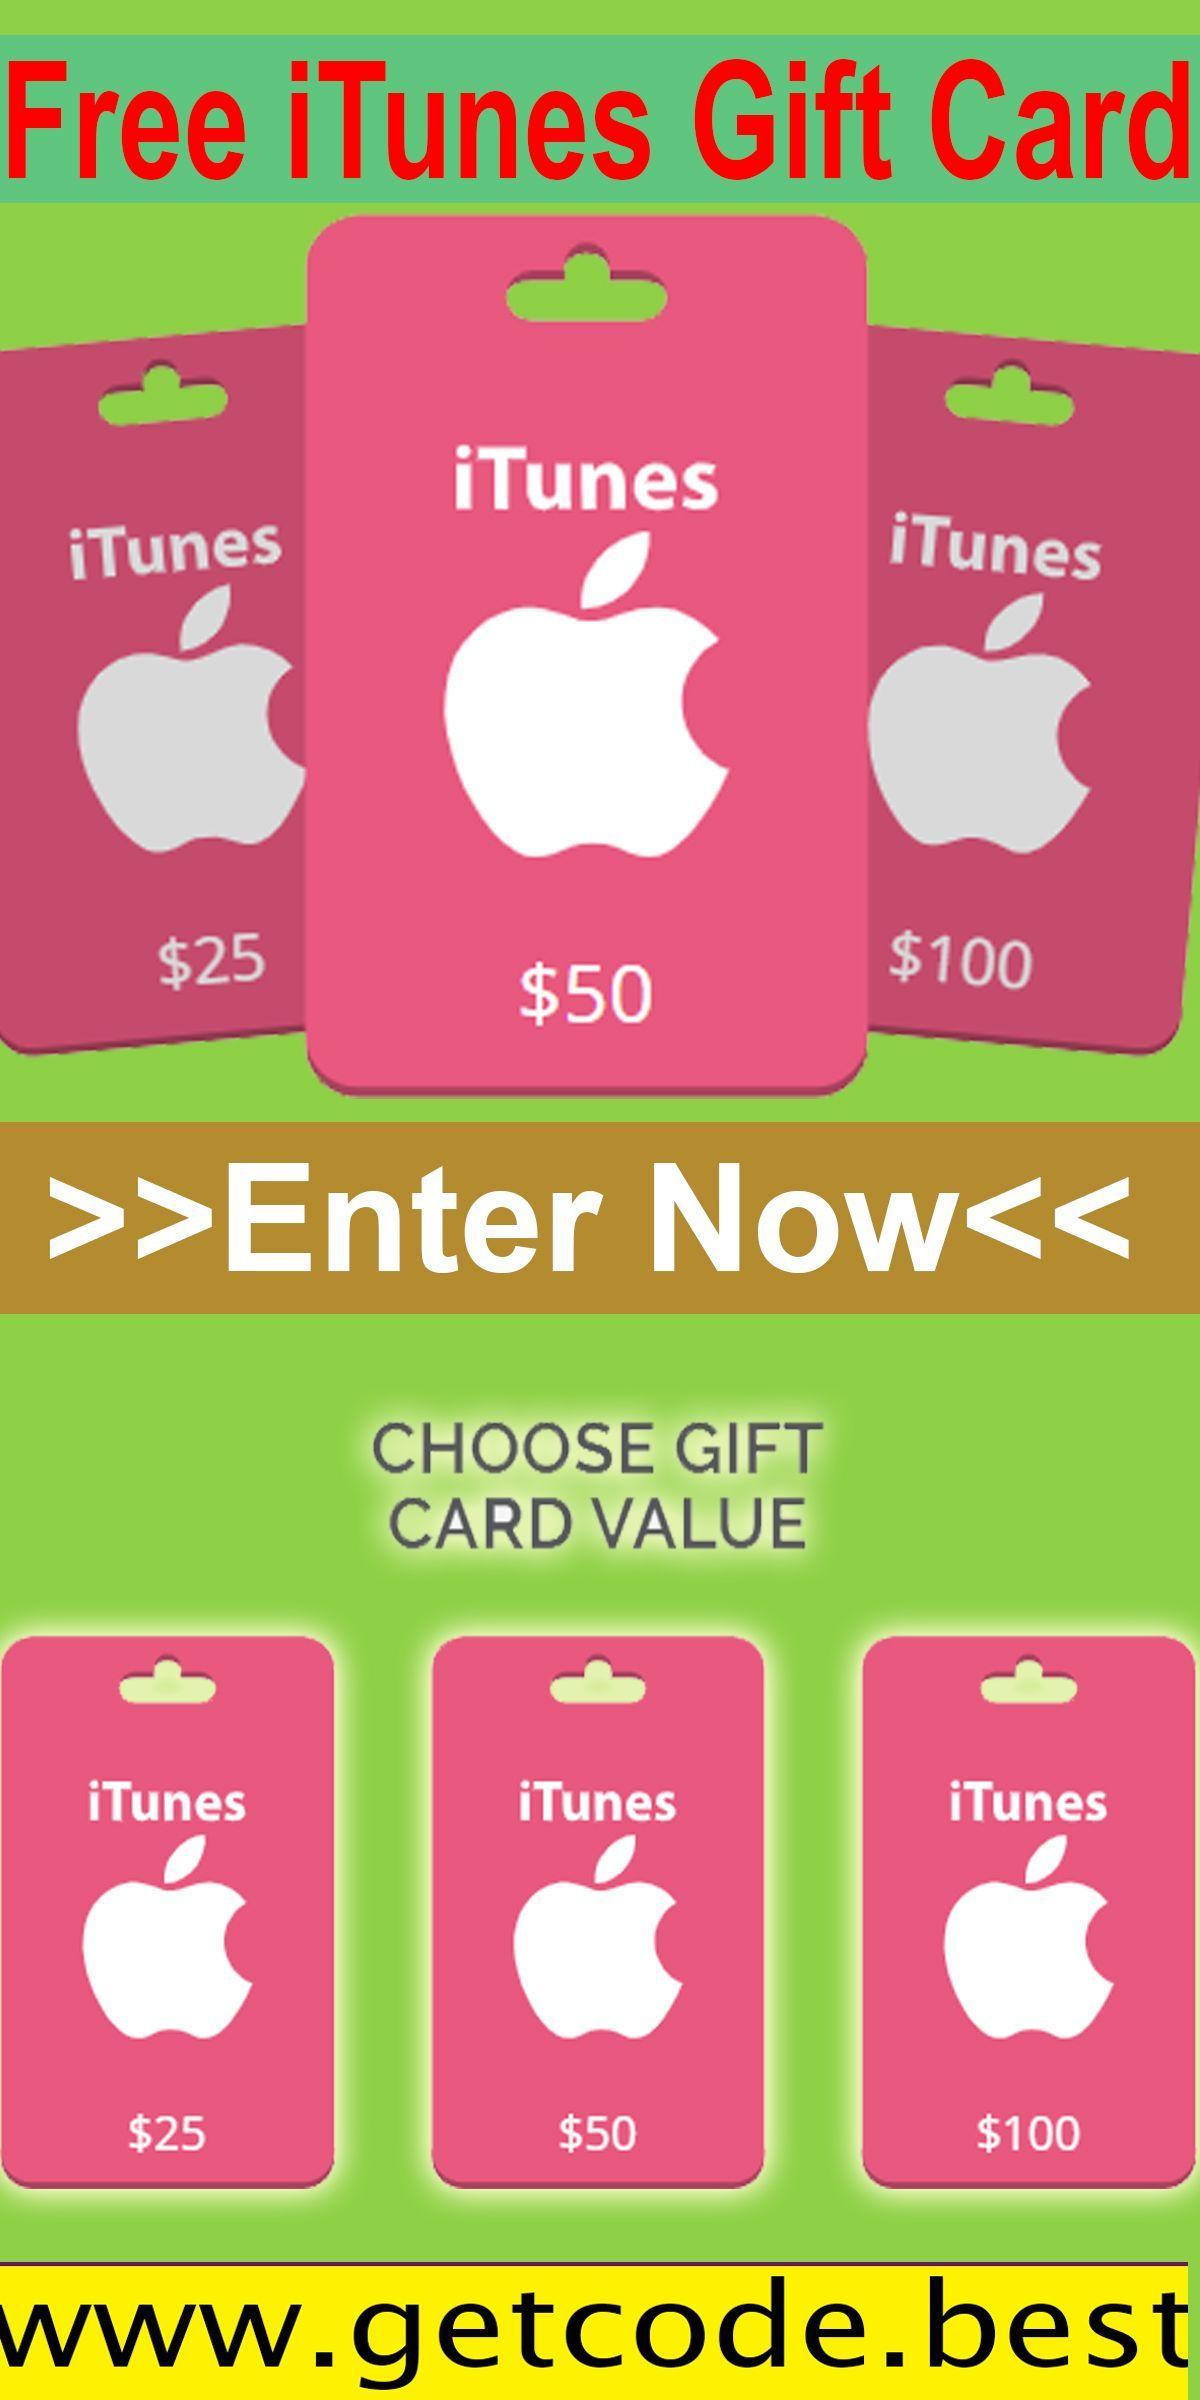 Kostenlose Itunes Geschenkkarte Unbenutzte Codes Generator 2020 In 2020 Gutscheine Geschenkkarte Geschenke